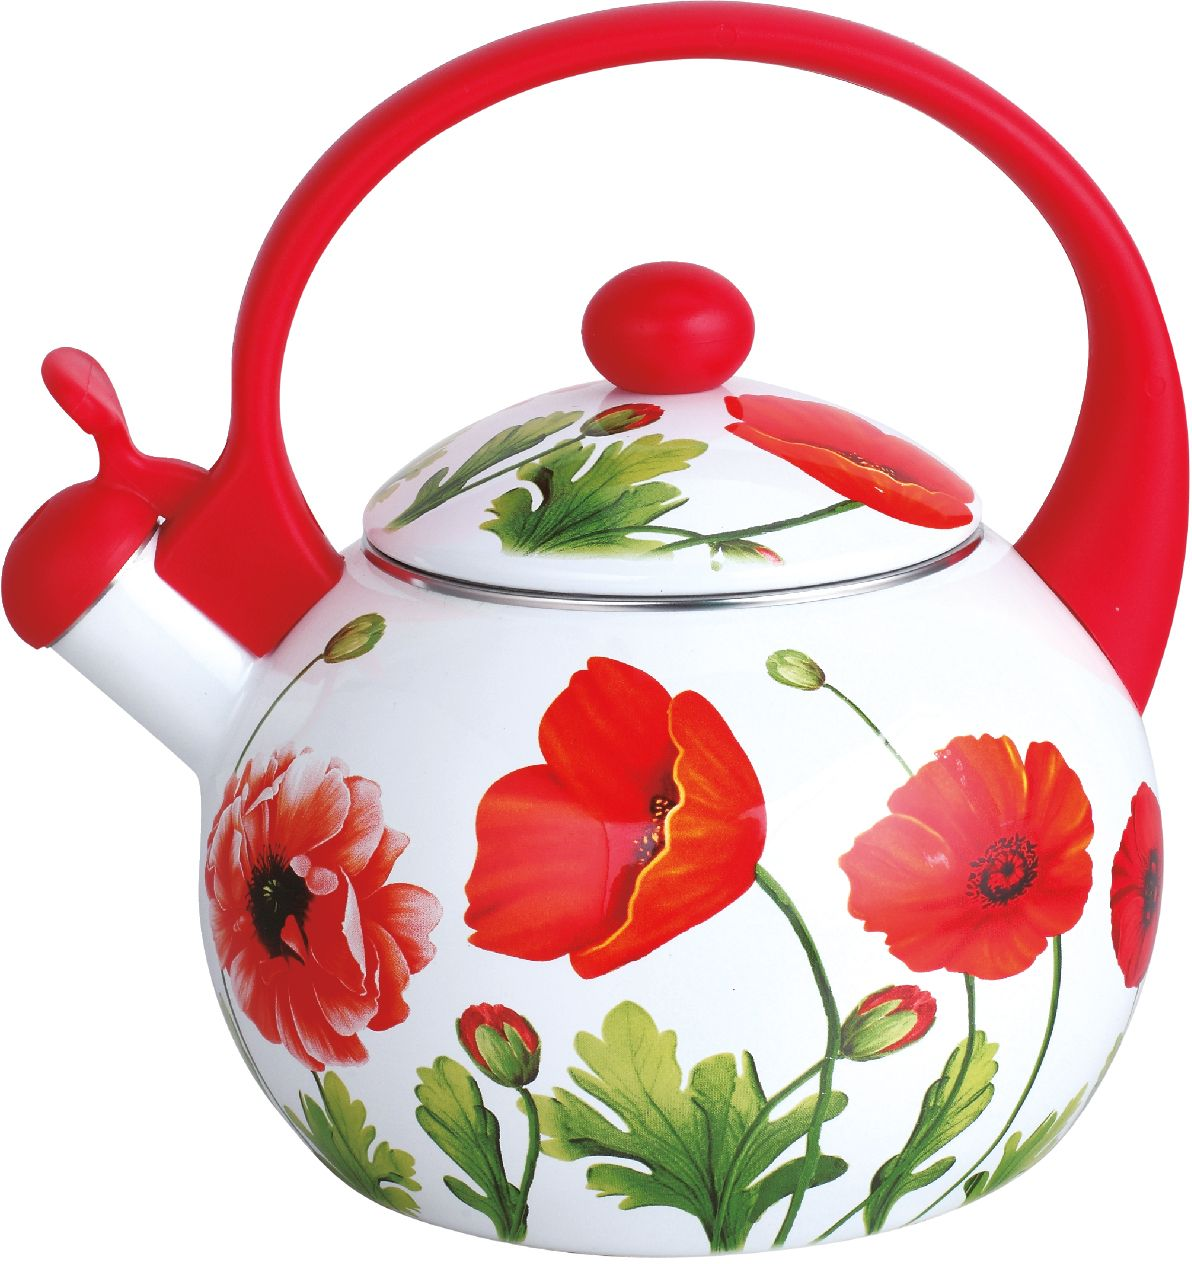 Чайник эмалированный Чудесница, со свистком, 2,5 л. ЭЧ-2516 чайники для плиты vetta чайник эмалированный